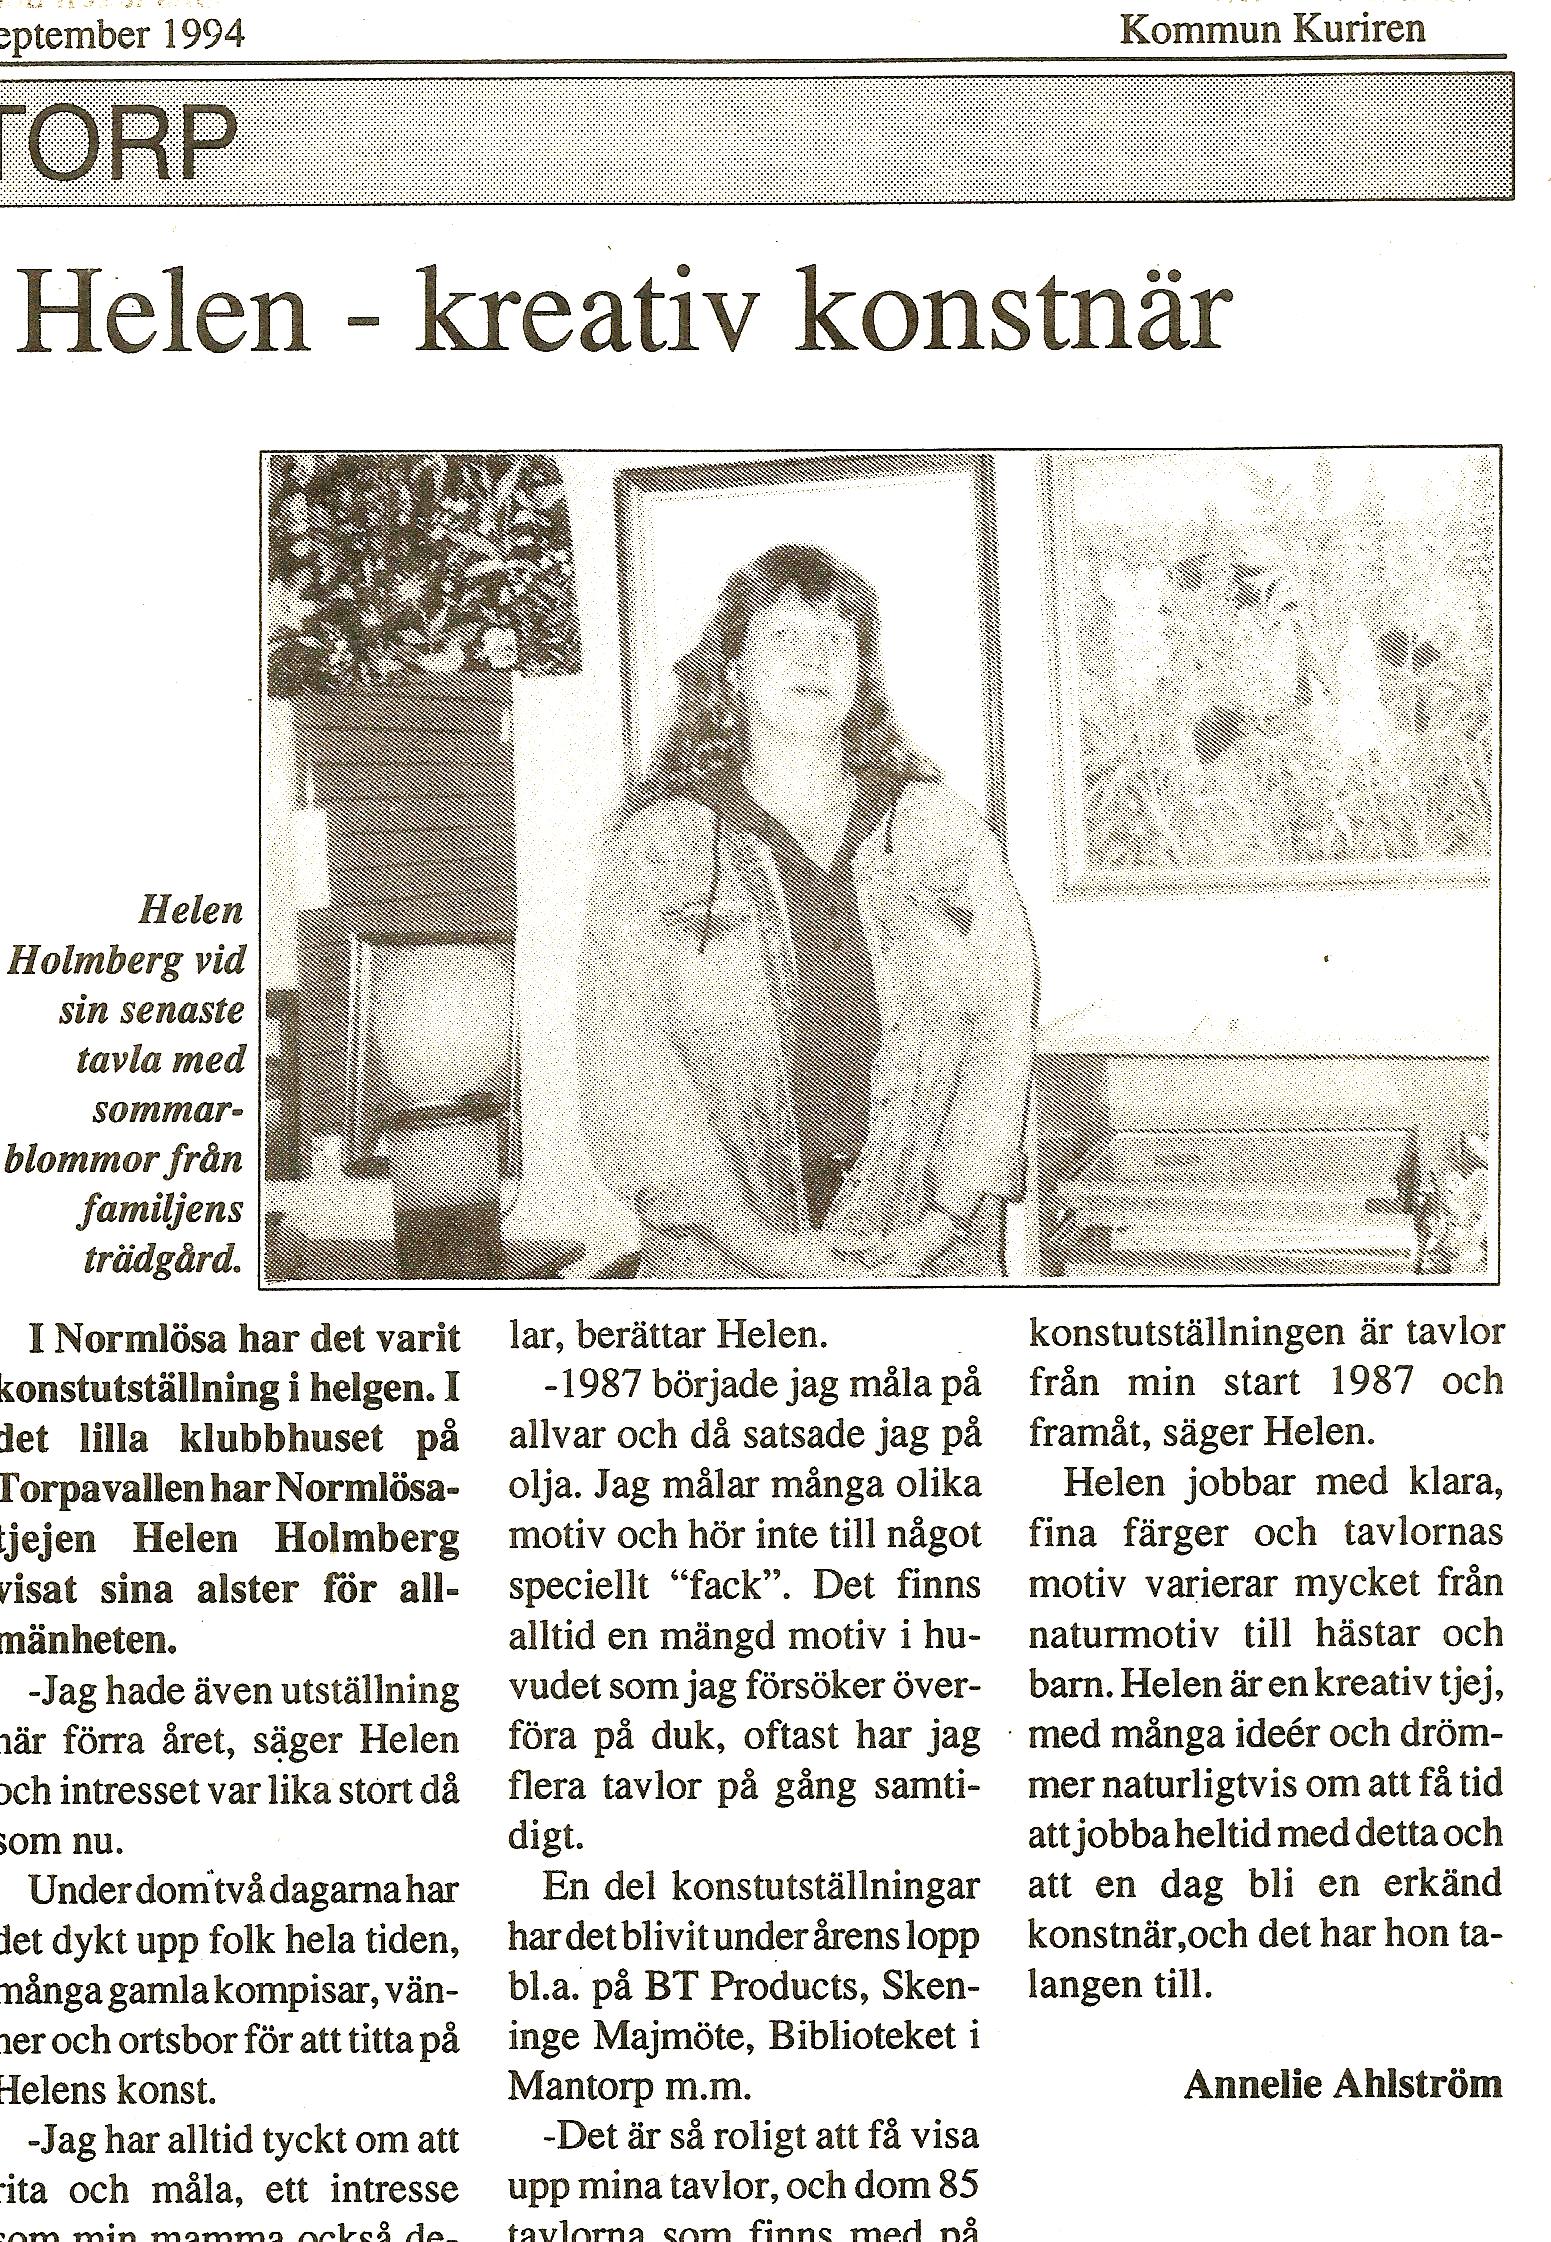 Kommun Kuriren September -94